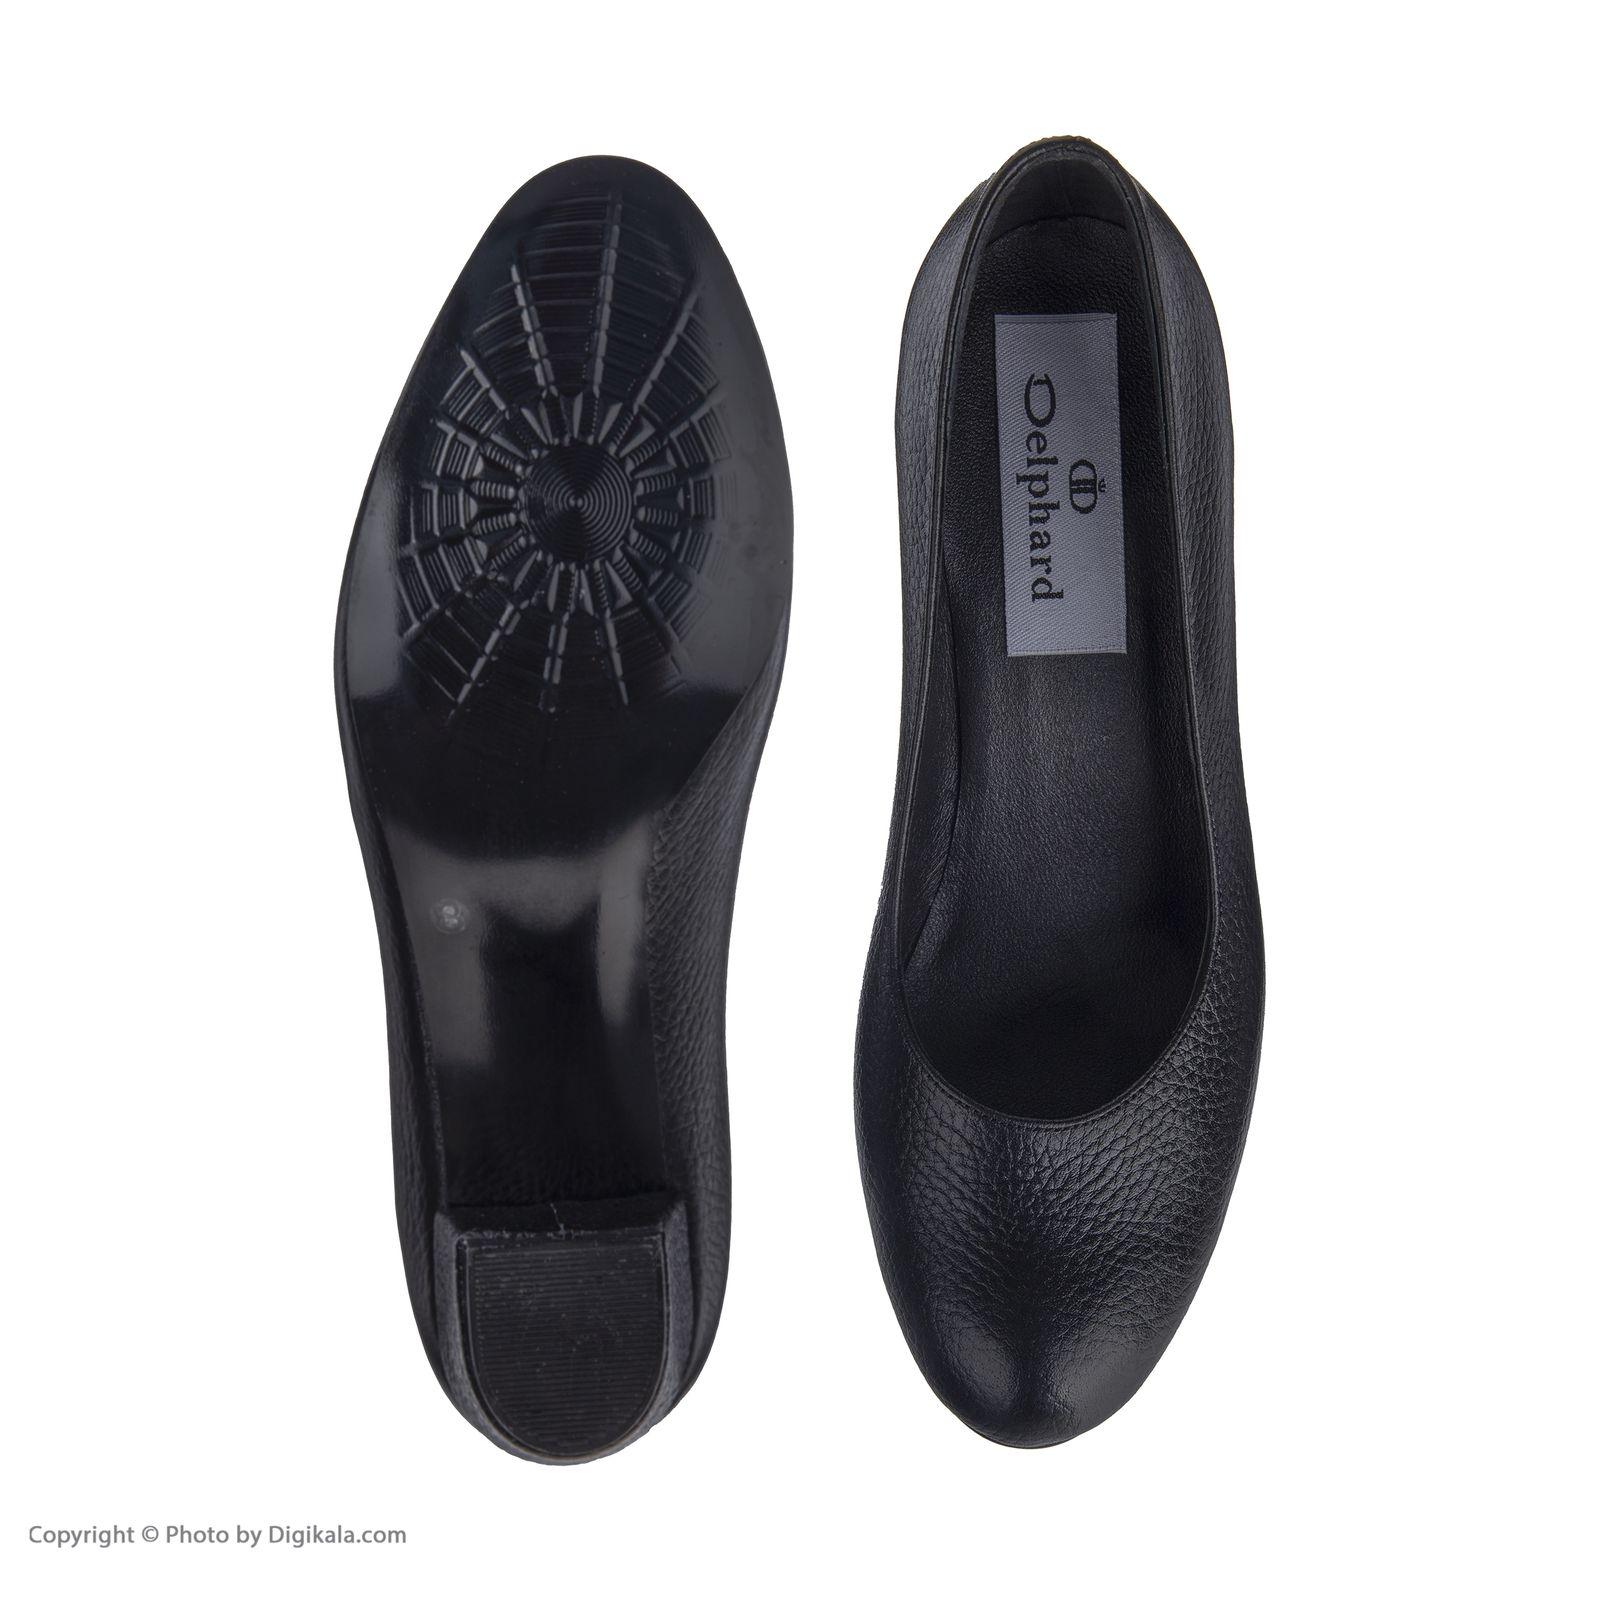 کفش زنانه دلفارد مدل 6394A500101 -  - 6